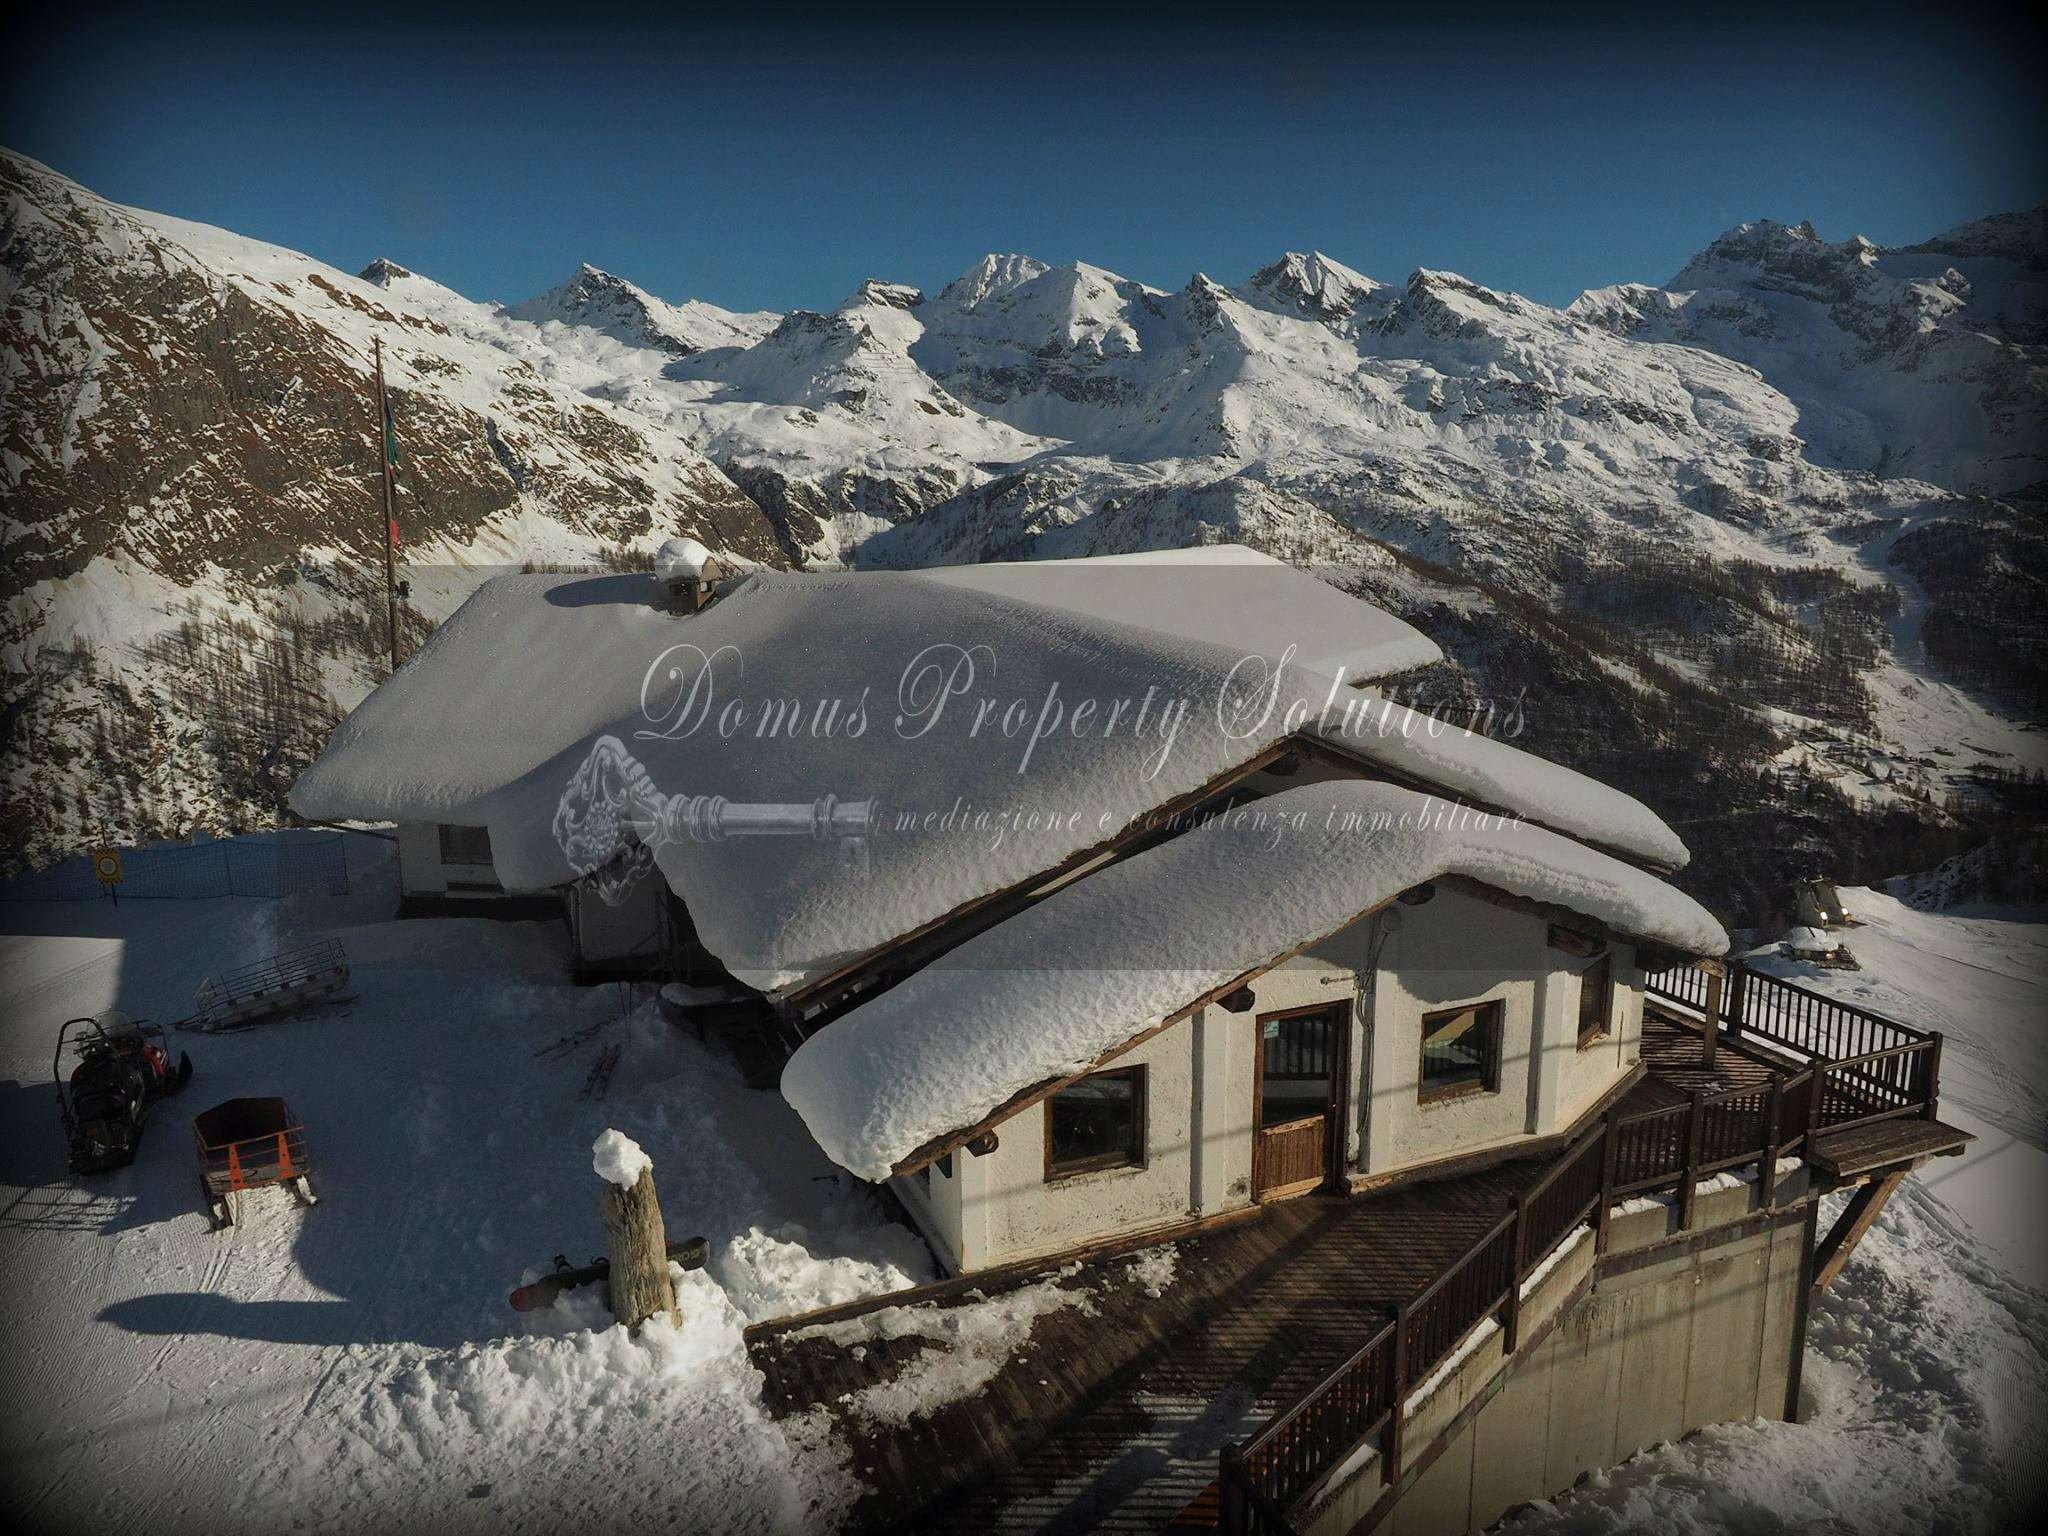 Albergo in vendita a Gressoney-la-Trinitè, 30 locali, prezzo € 2.500.000 | Cambio Casa.it